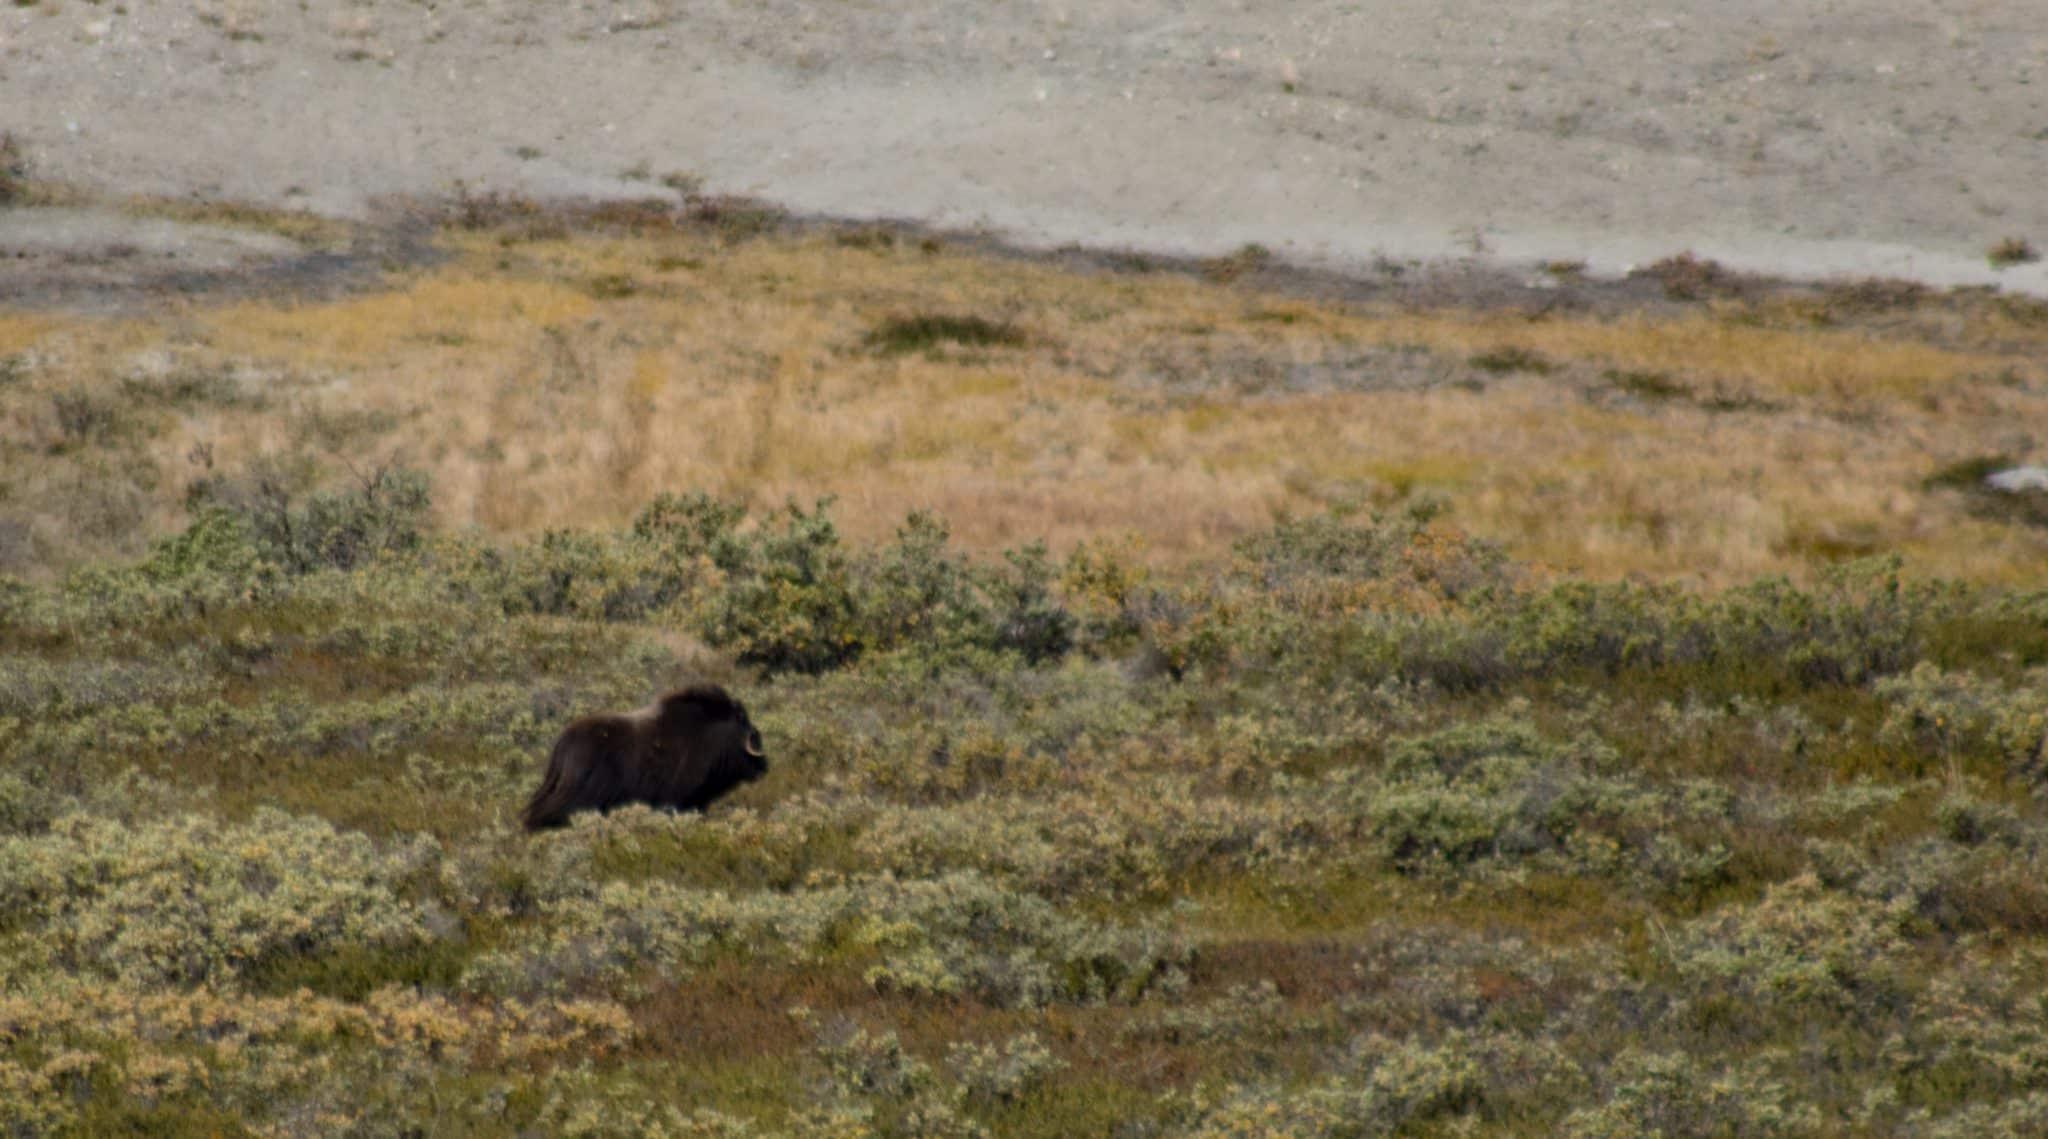 Moschusochse in Kangerlussuaq Grönland _ PASSENGER X